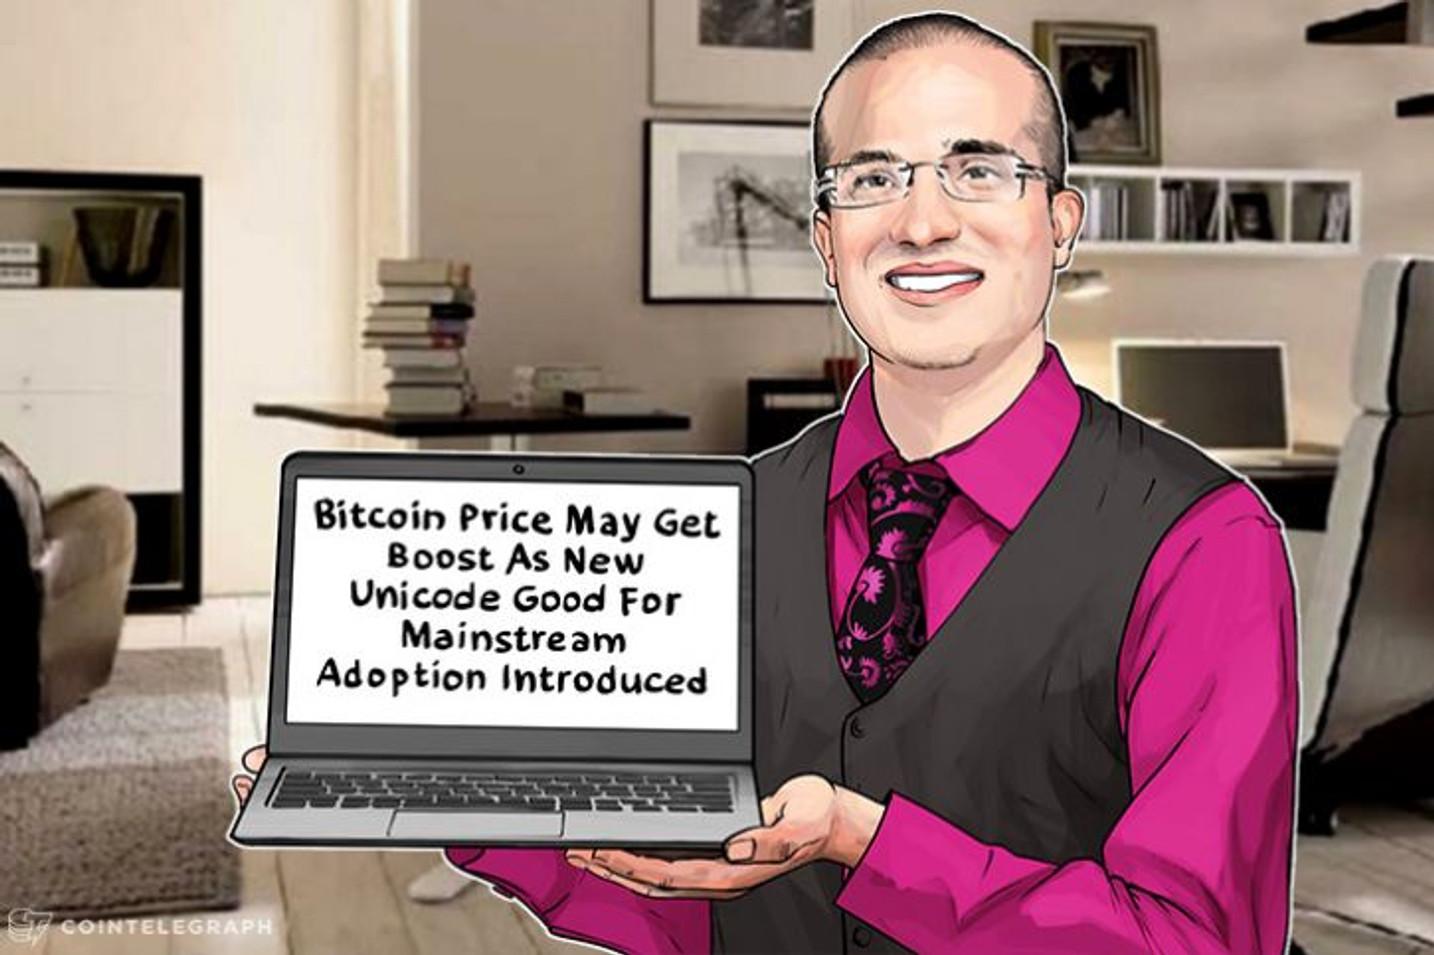 ビットコイン記号が新たにUnicodeの仲間入りへ―価格高騰とメインストリーム化への好材料となるか